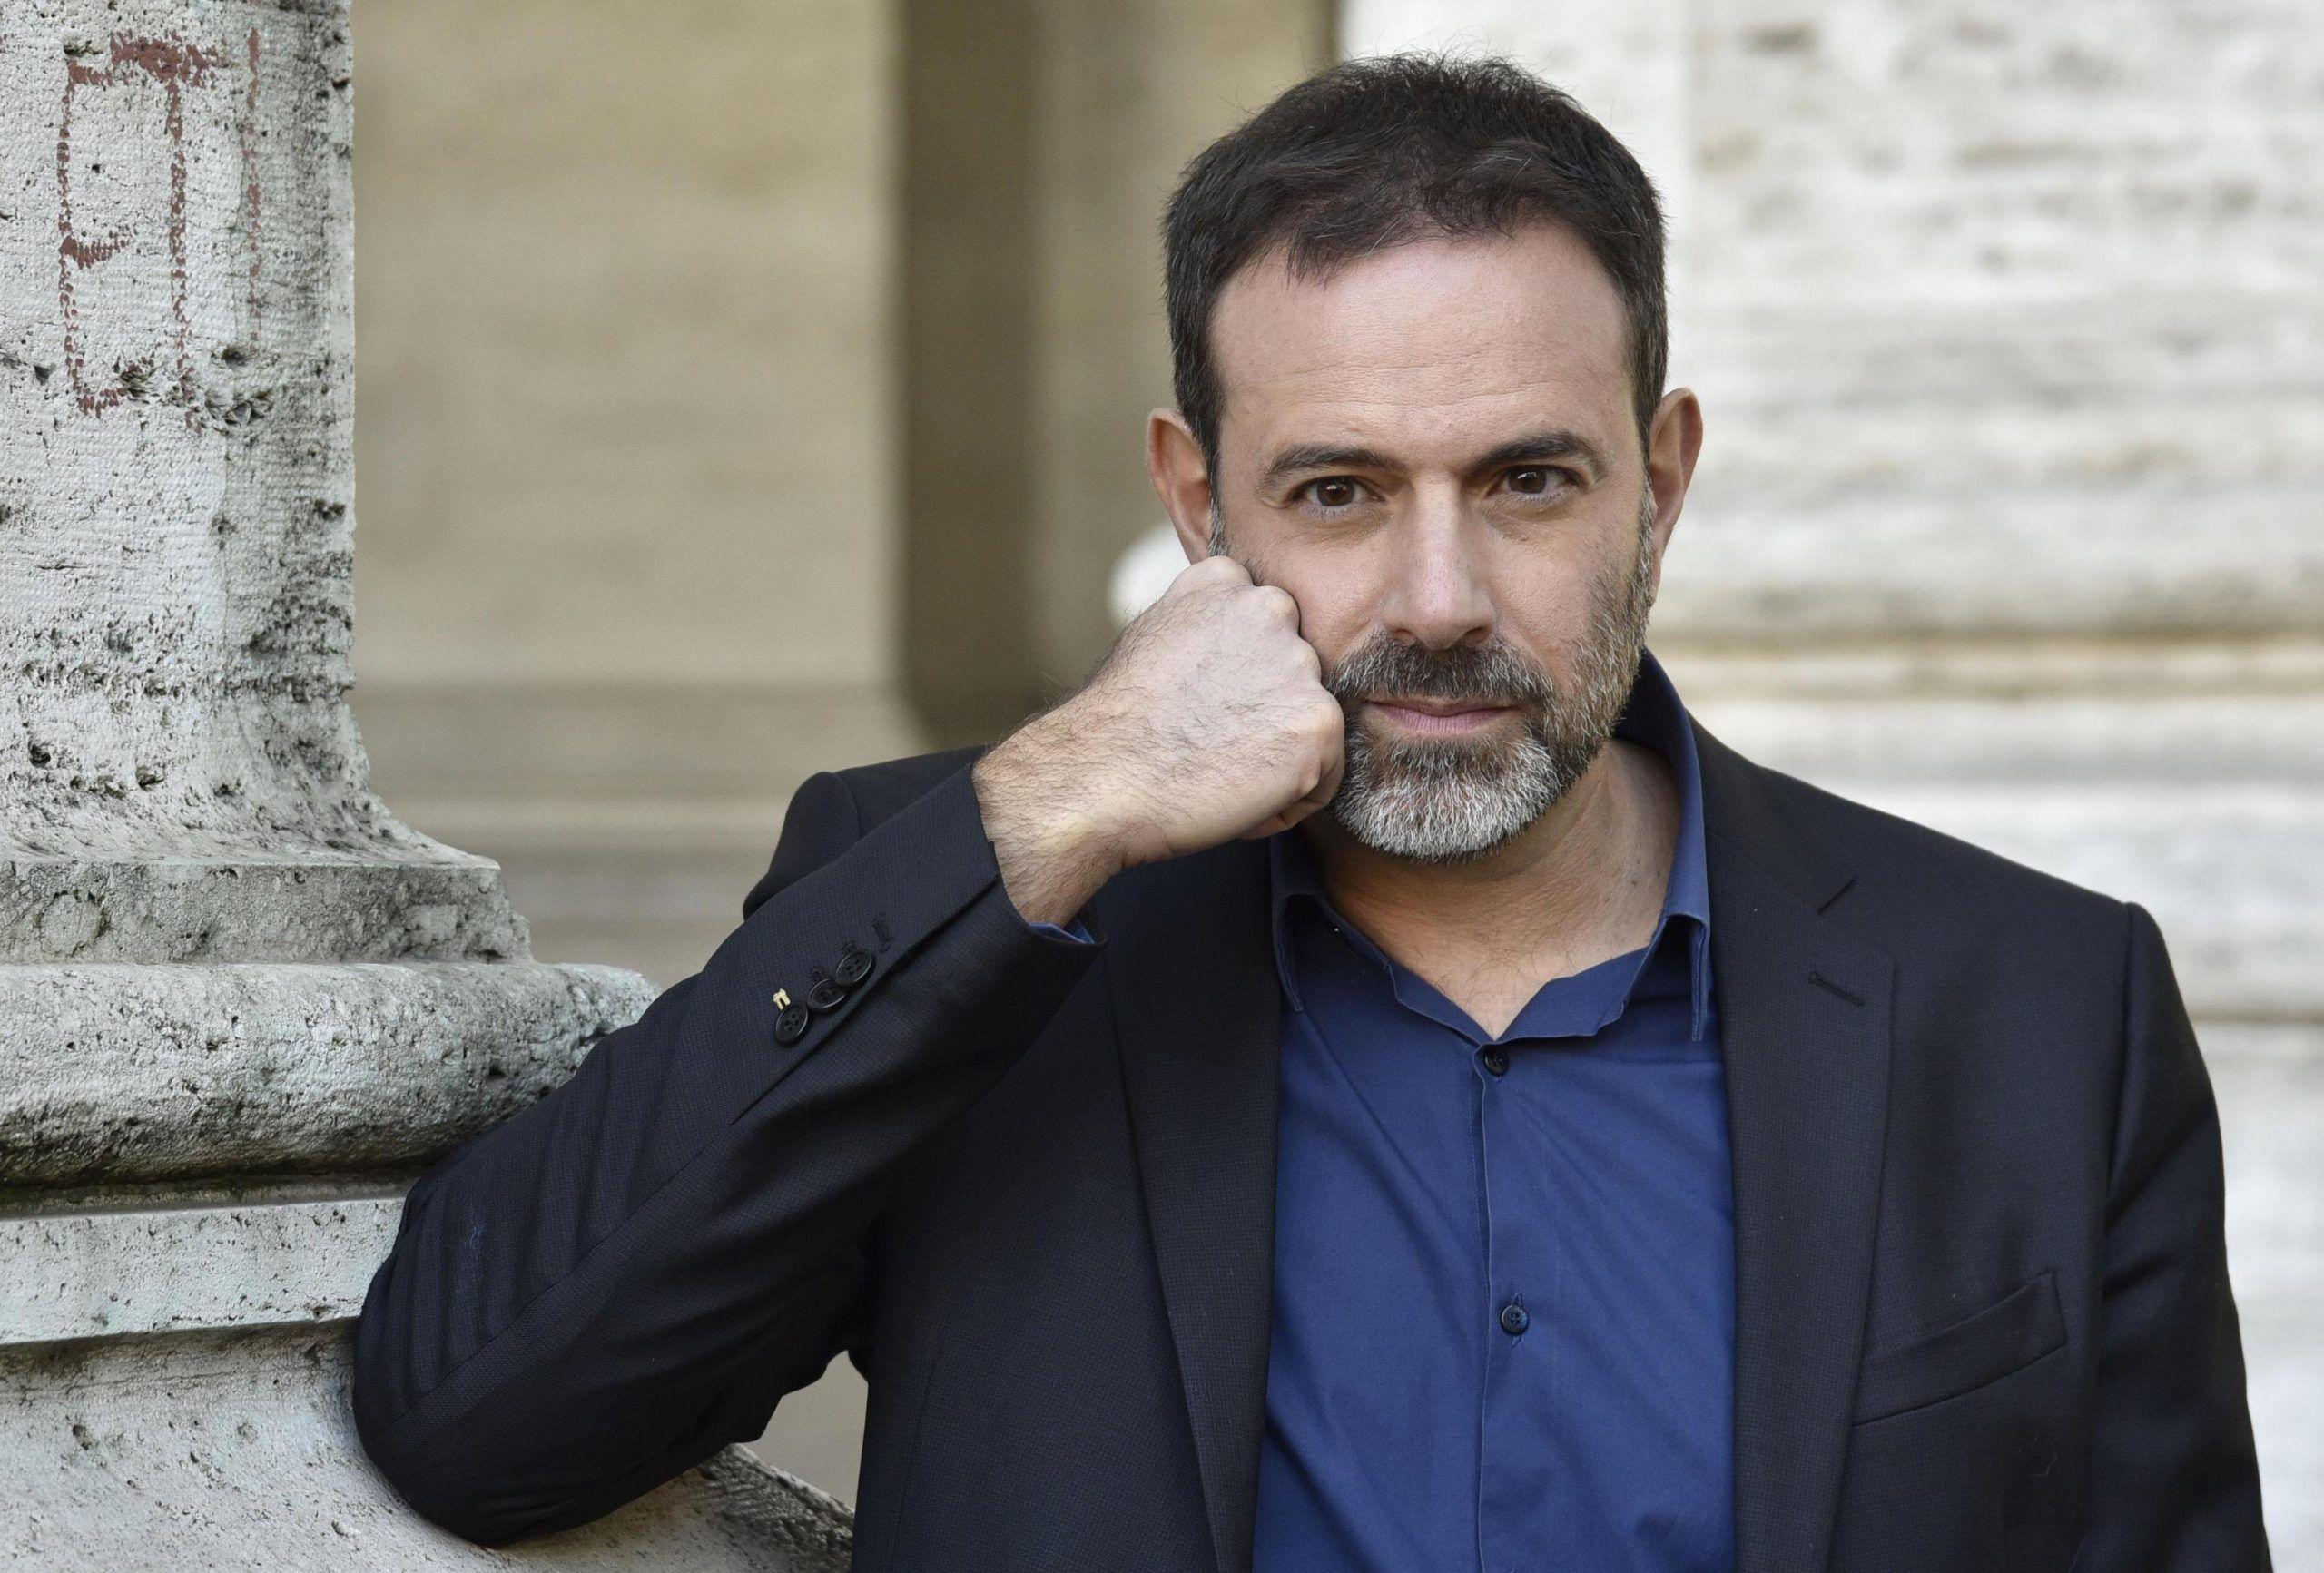 Fausto Brizzi accusato da Rossella Izzo: 'Lo abbiamo allontanato dalla scuola'